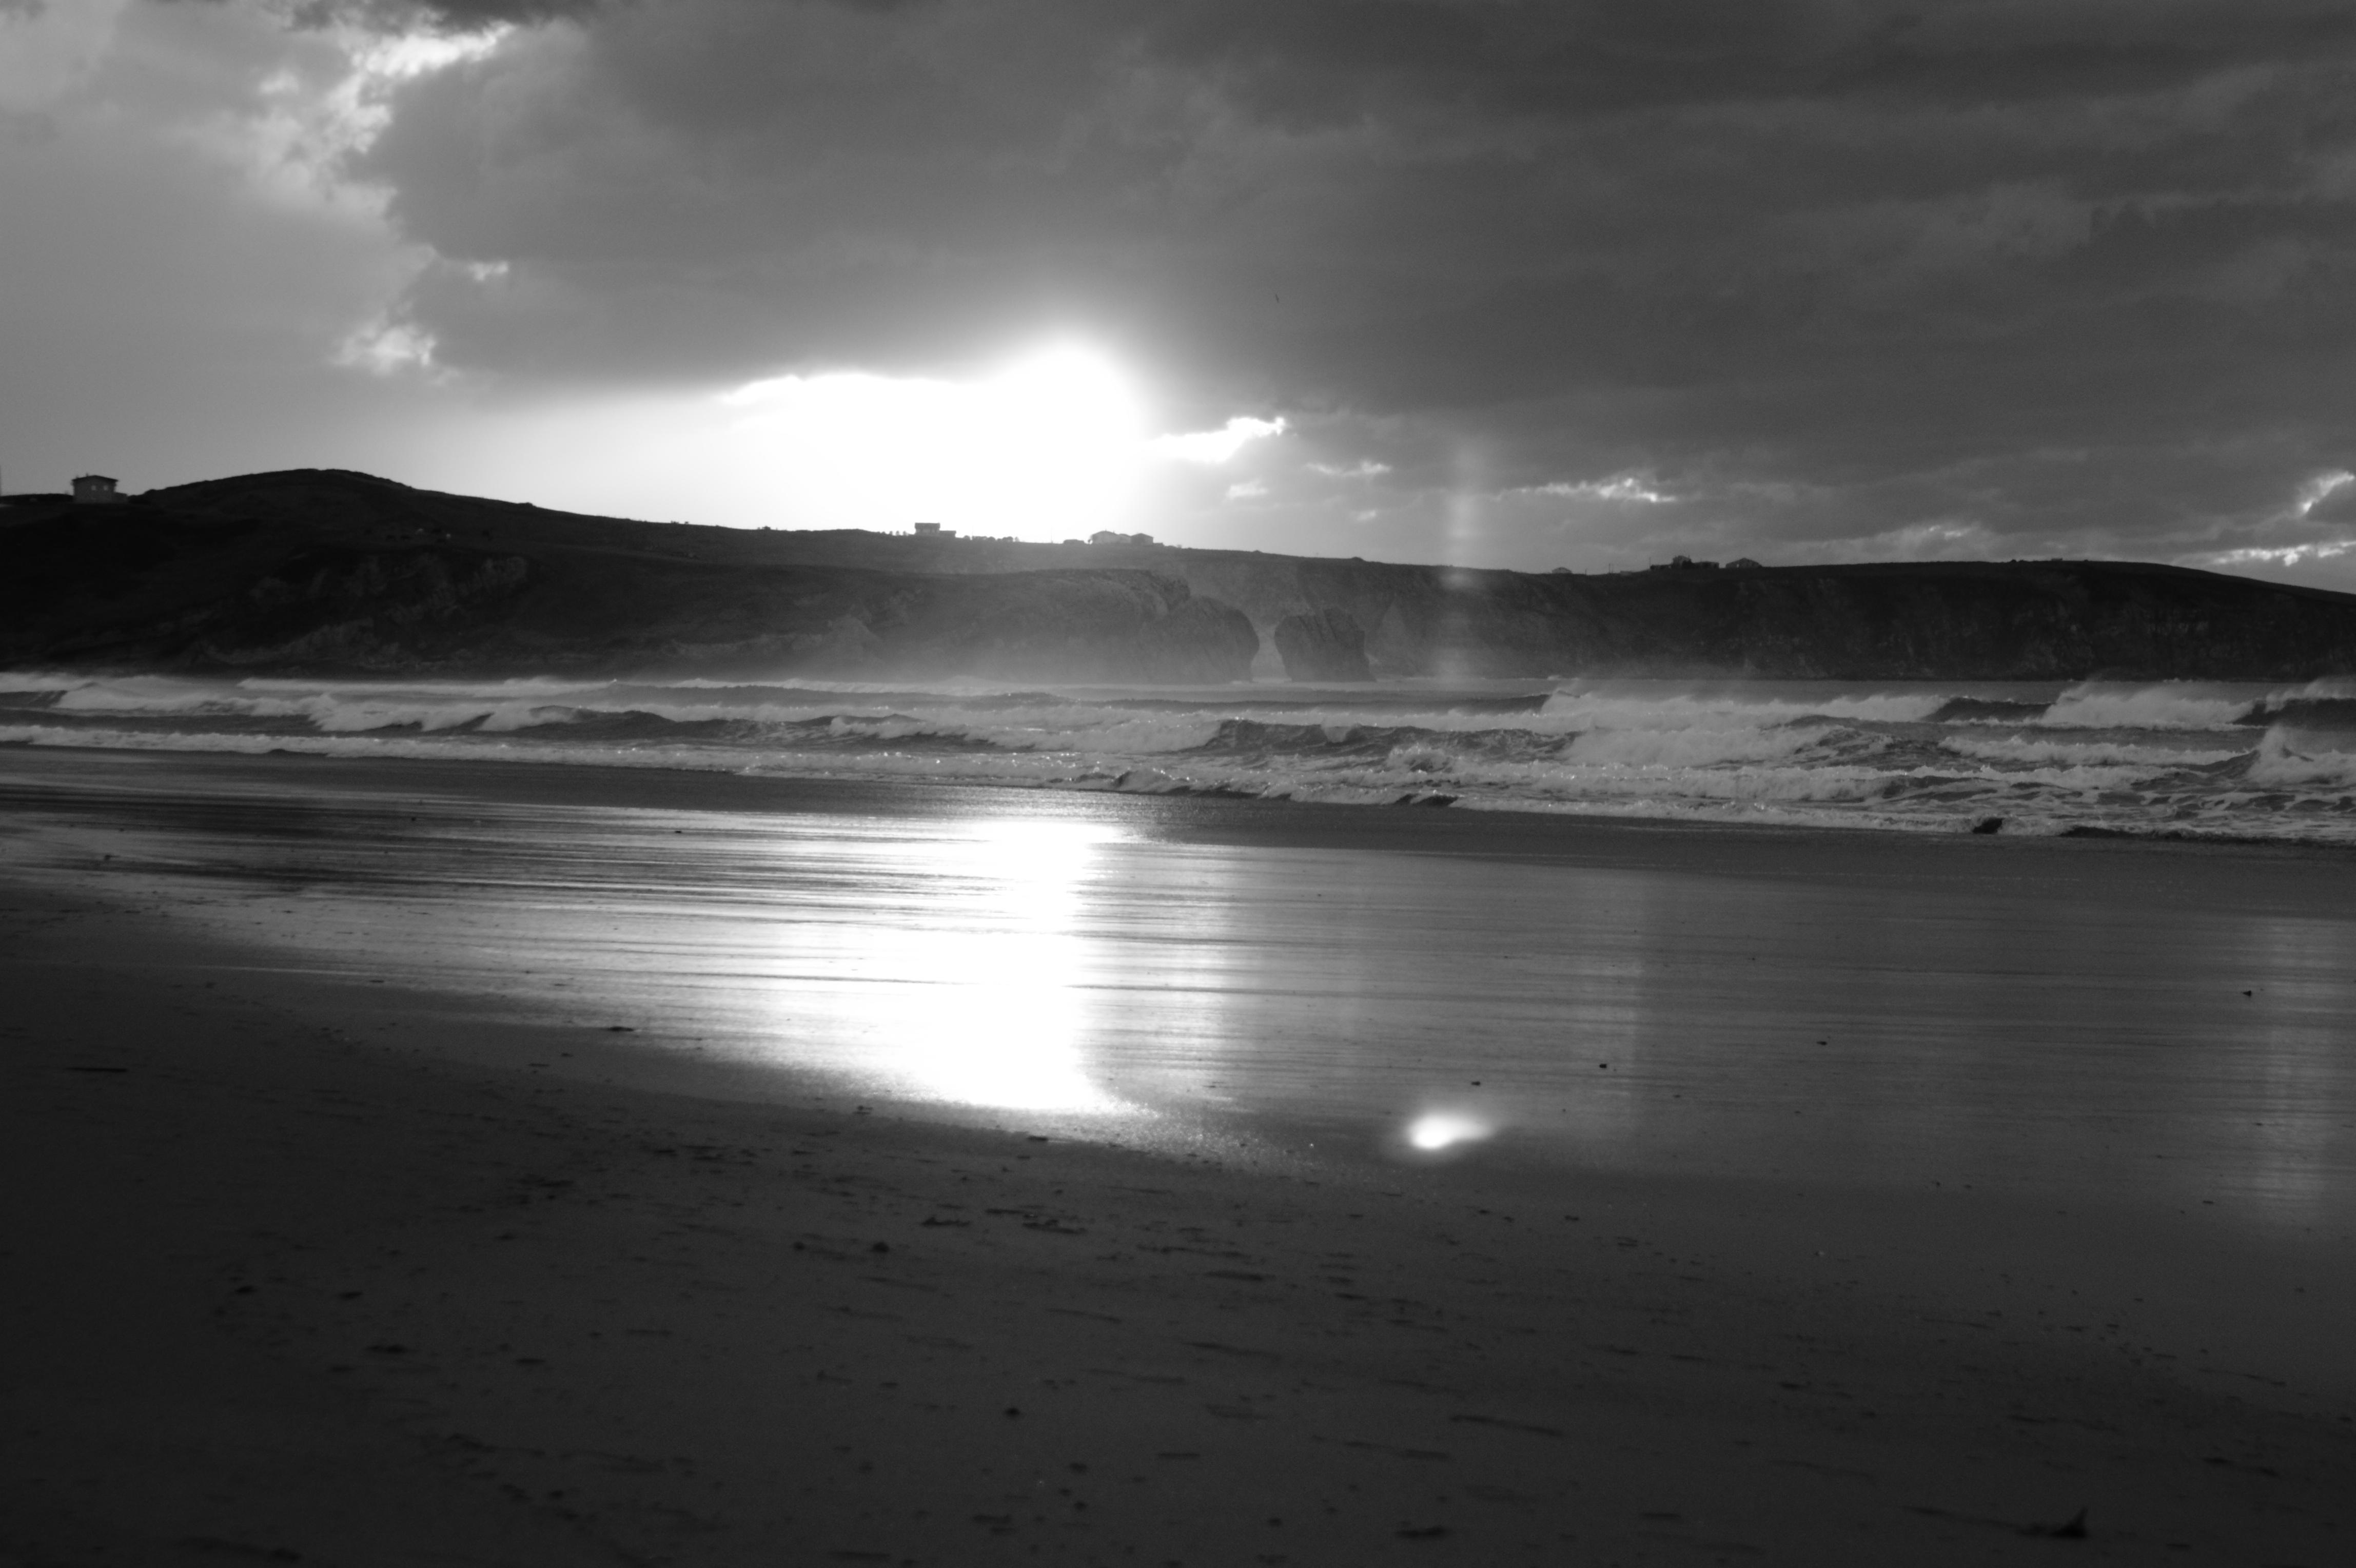 Atardecer en blanco y negro fotos de playas de cantabria - Fotos en blanco ...